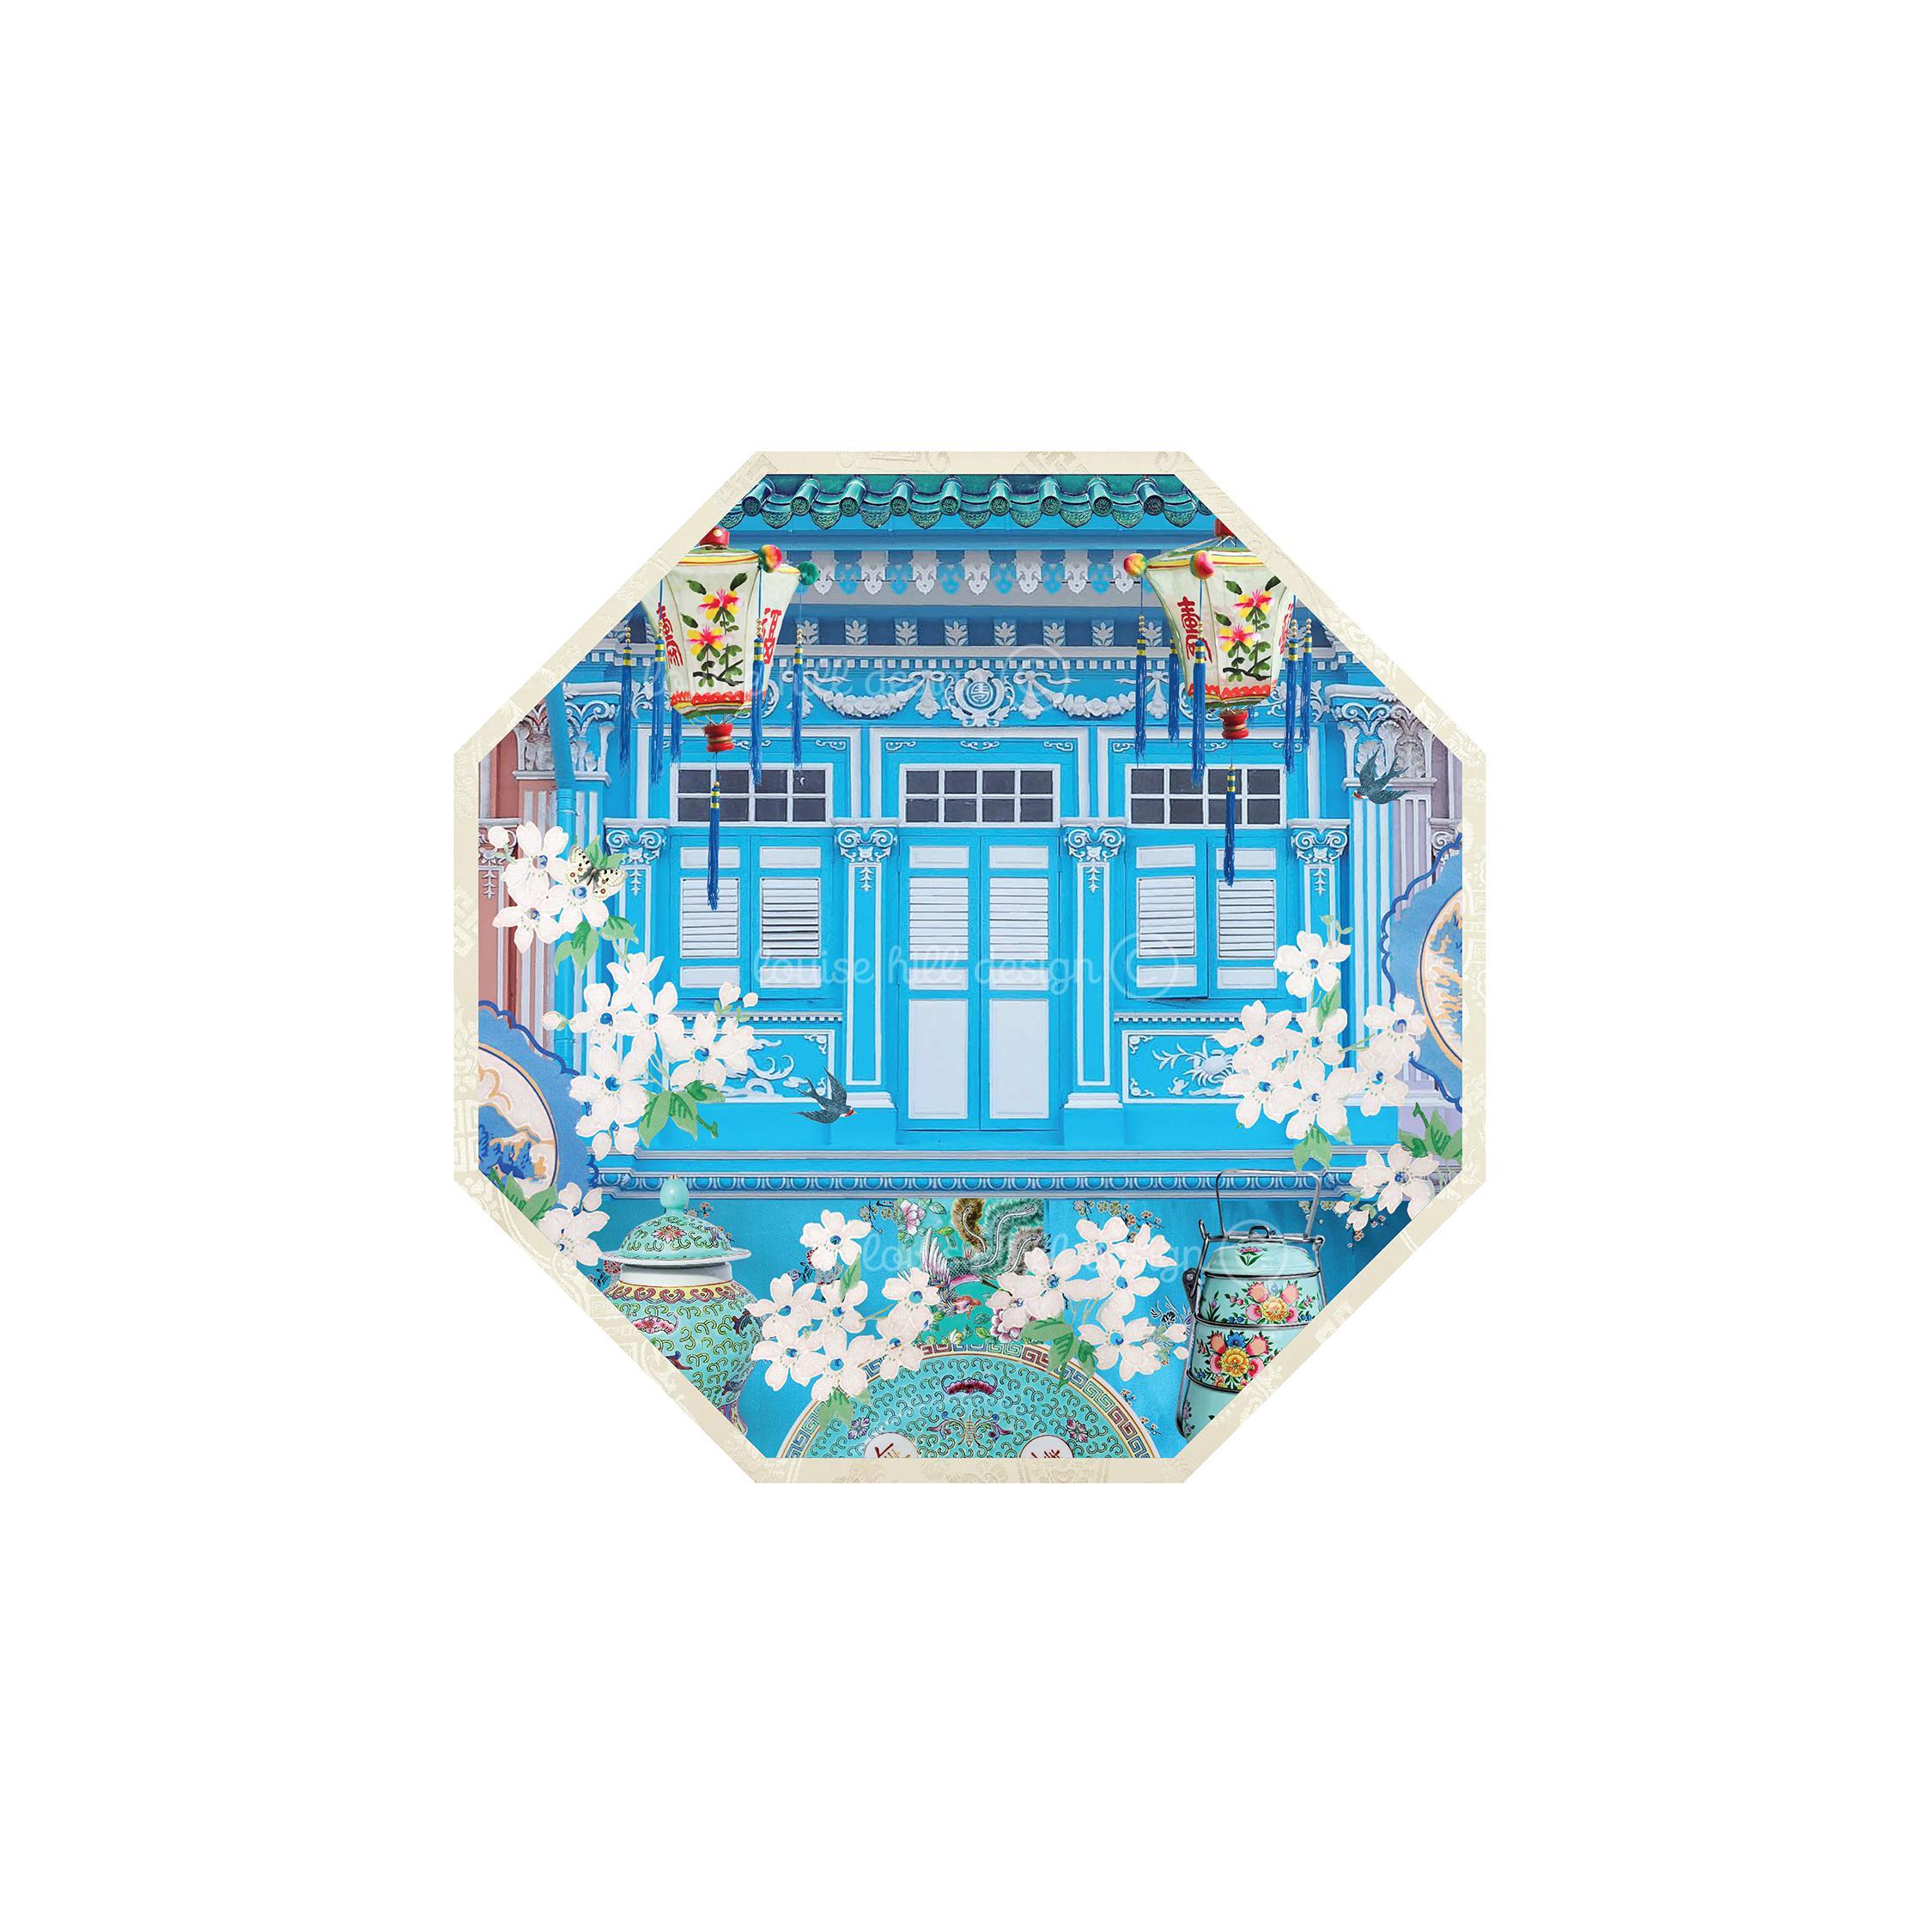 LITTLE BLUE SHOPHOUSE